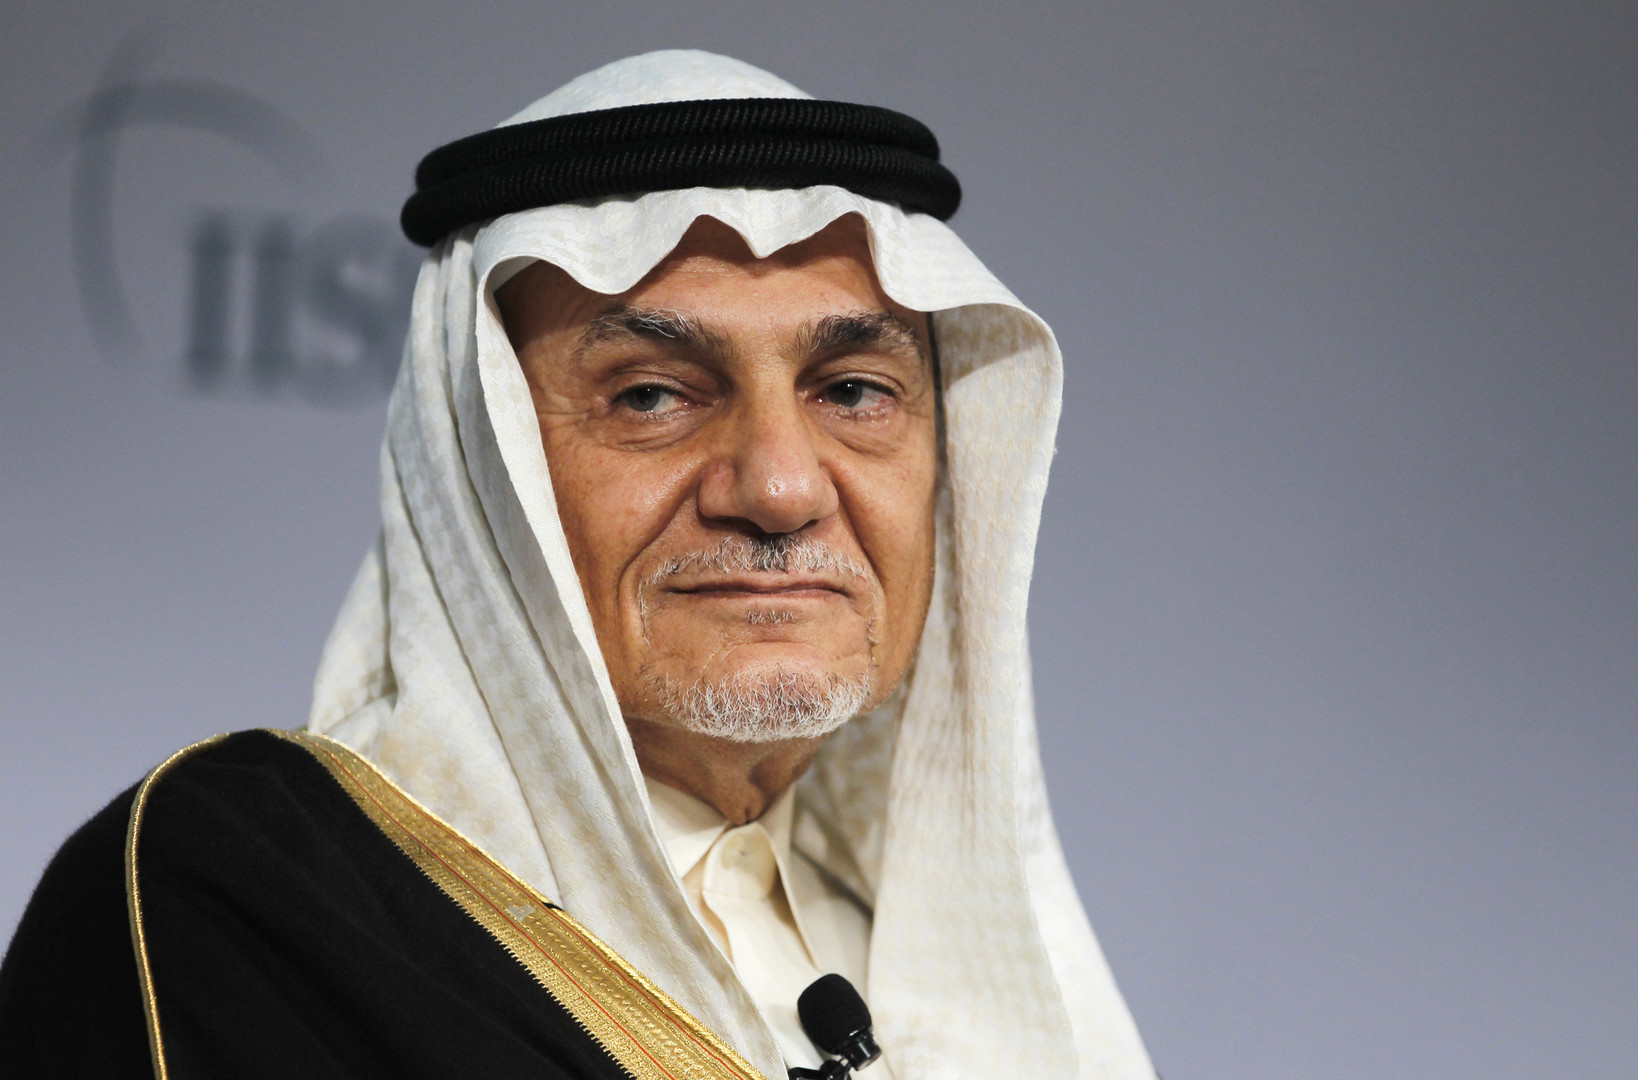 رئيس الاستخبارات العامة السعودية الأسبق، الأمير تركي الفيصل